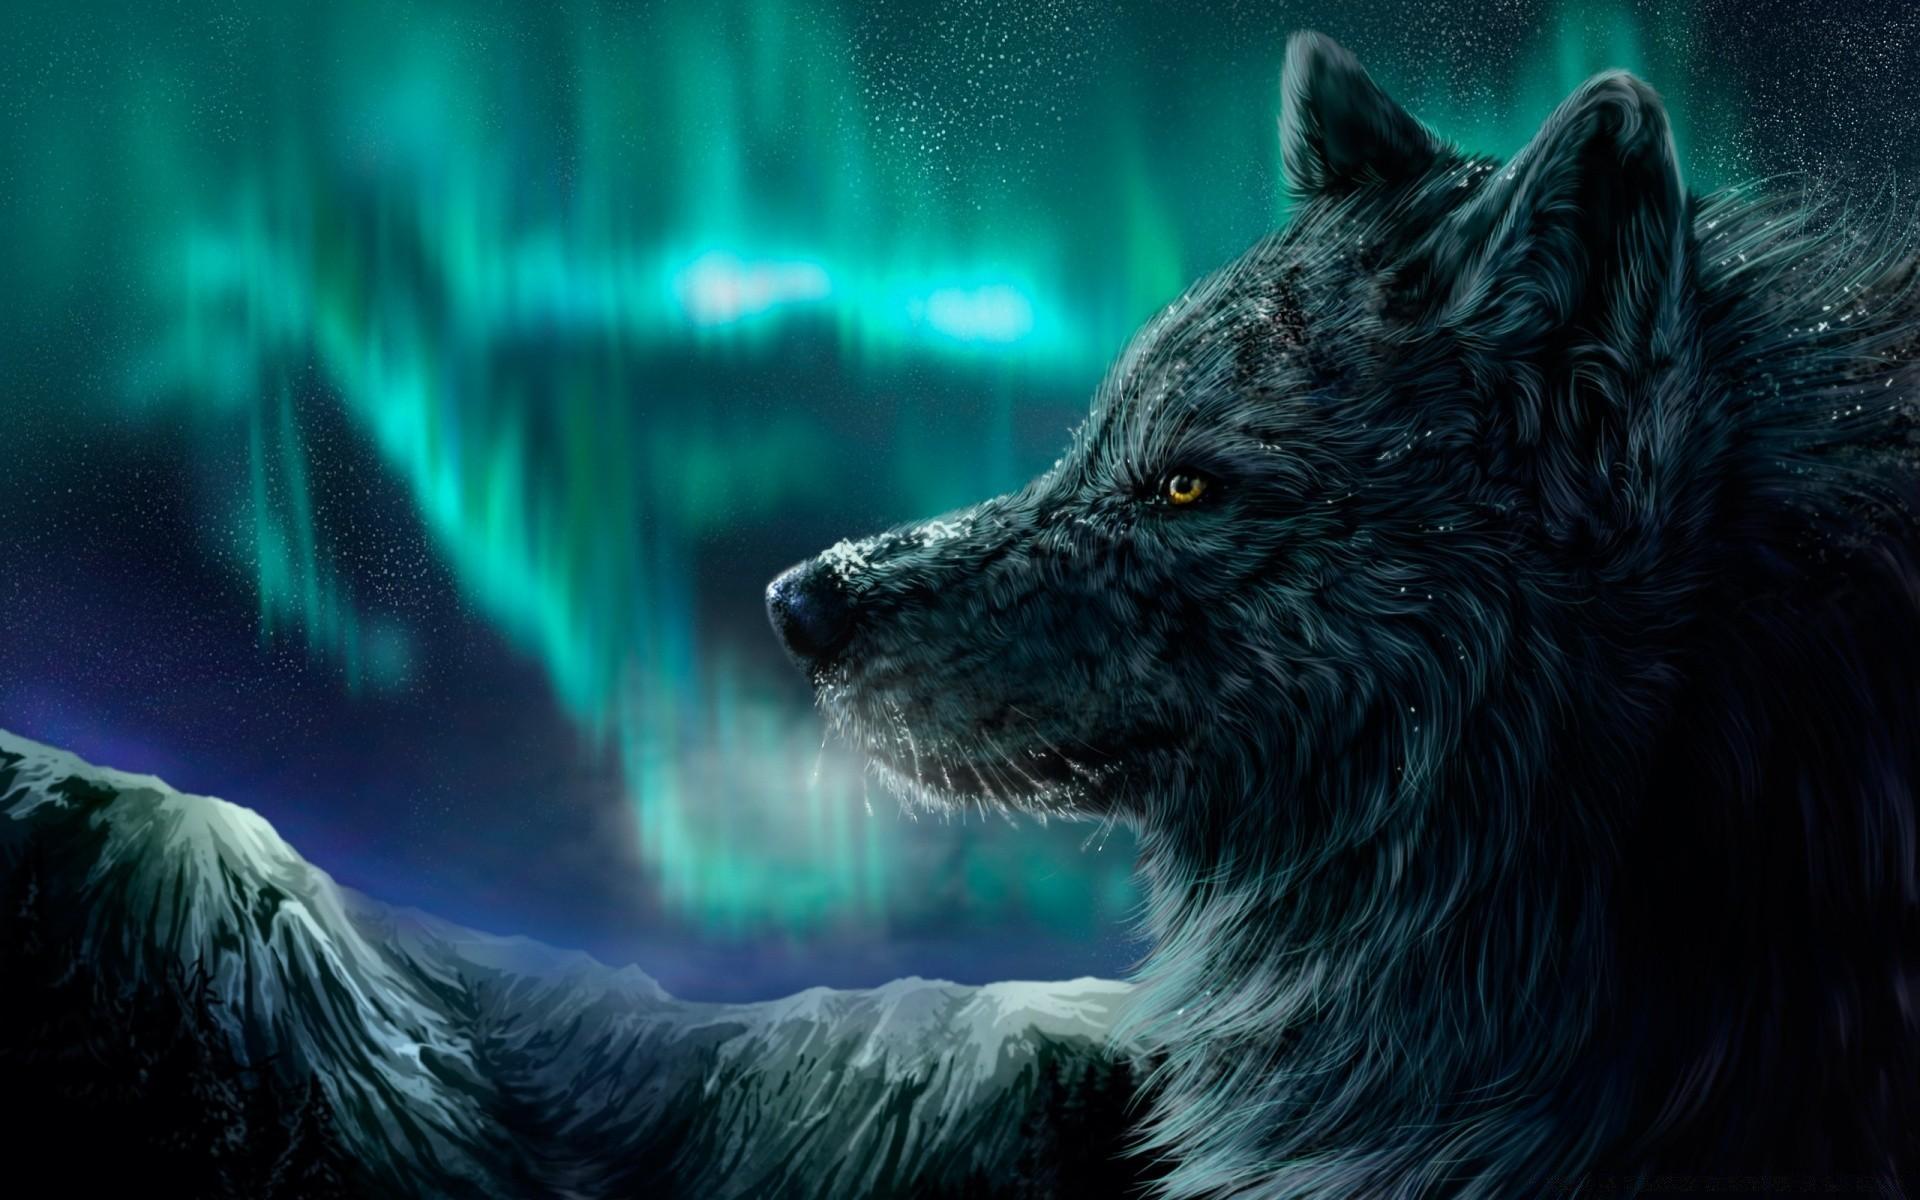 Картинка волков на рабочий